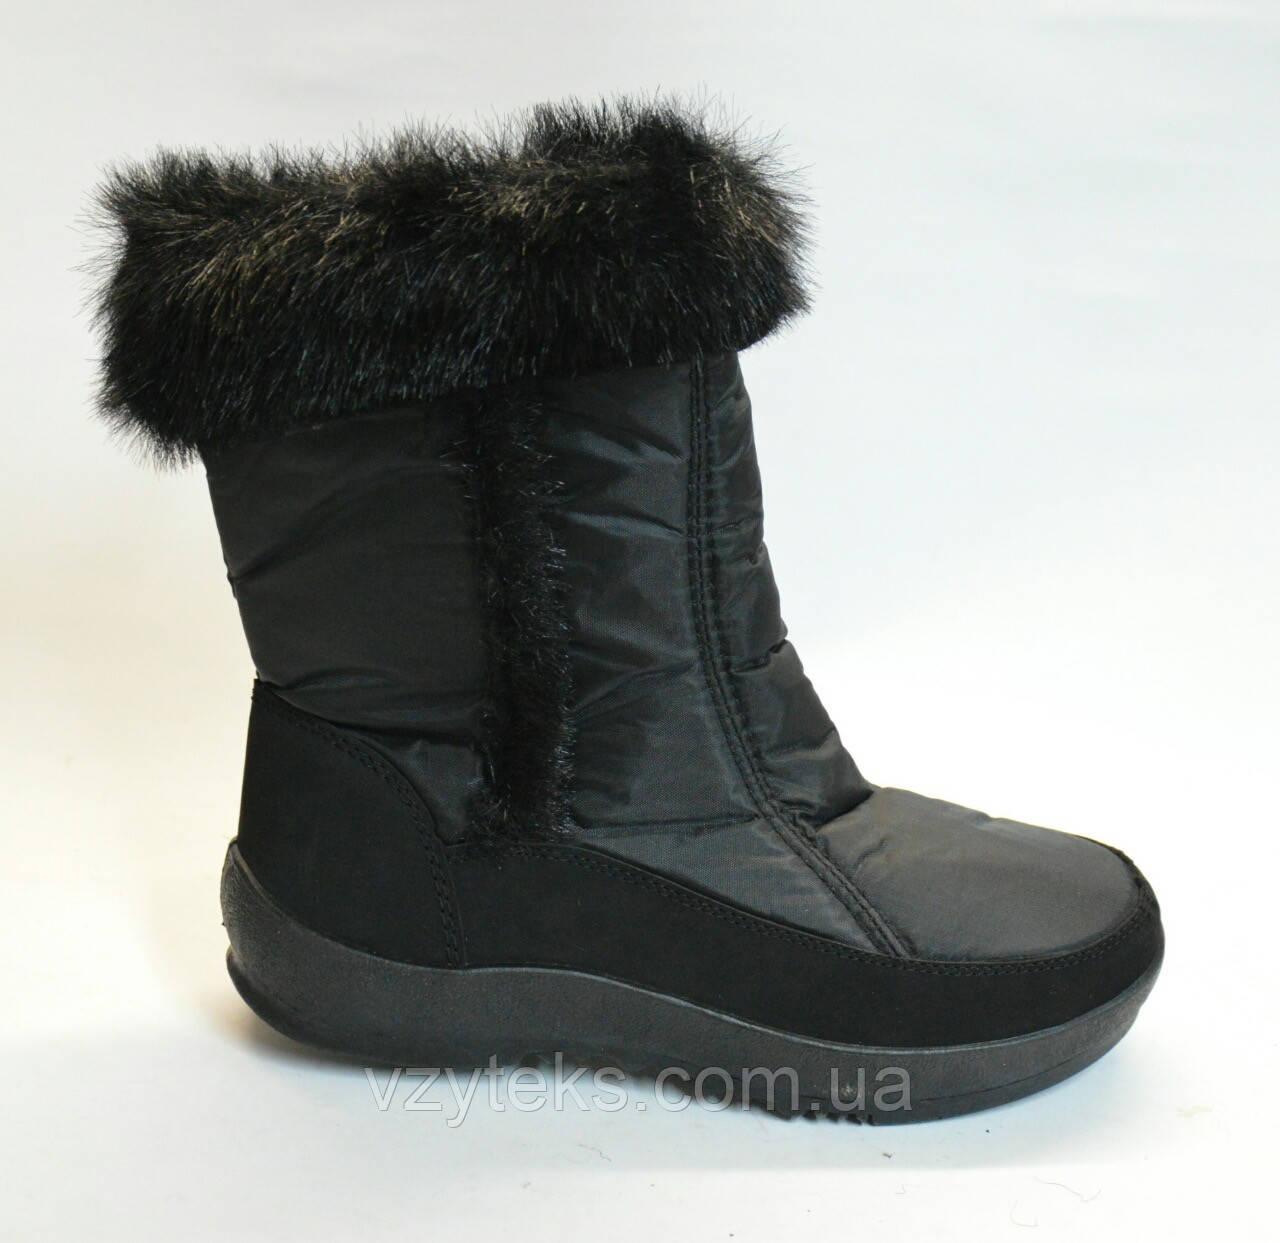 Купить Сапоги женские зимние оптом Украина оптом Хмельницкий  b90630a1a55bb